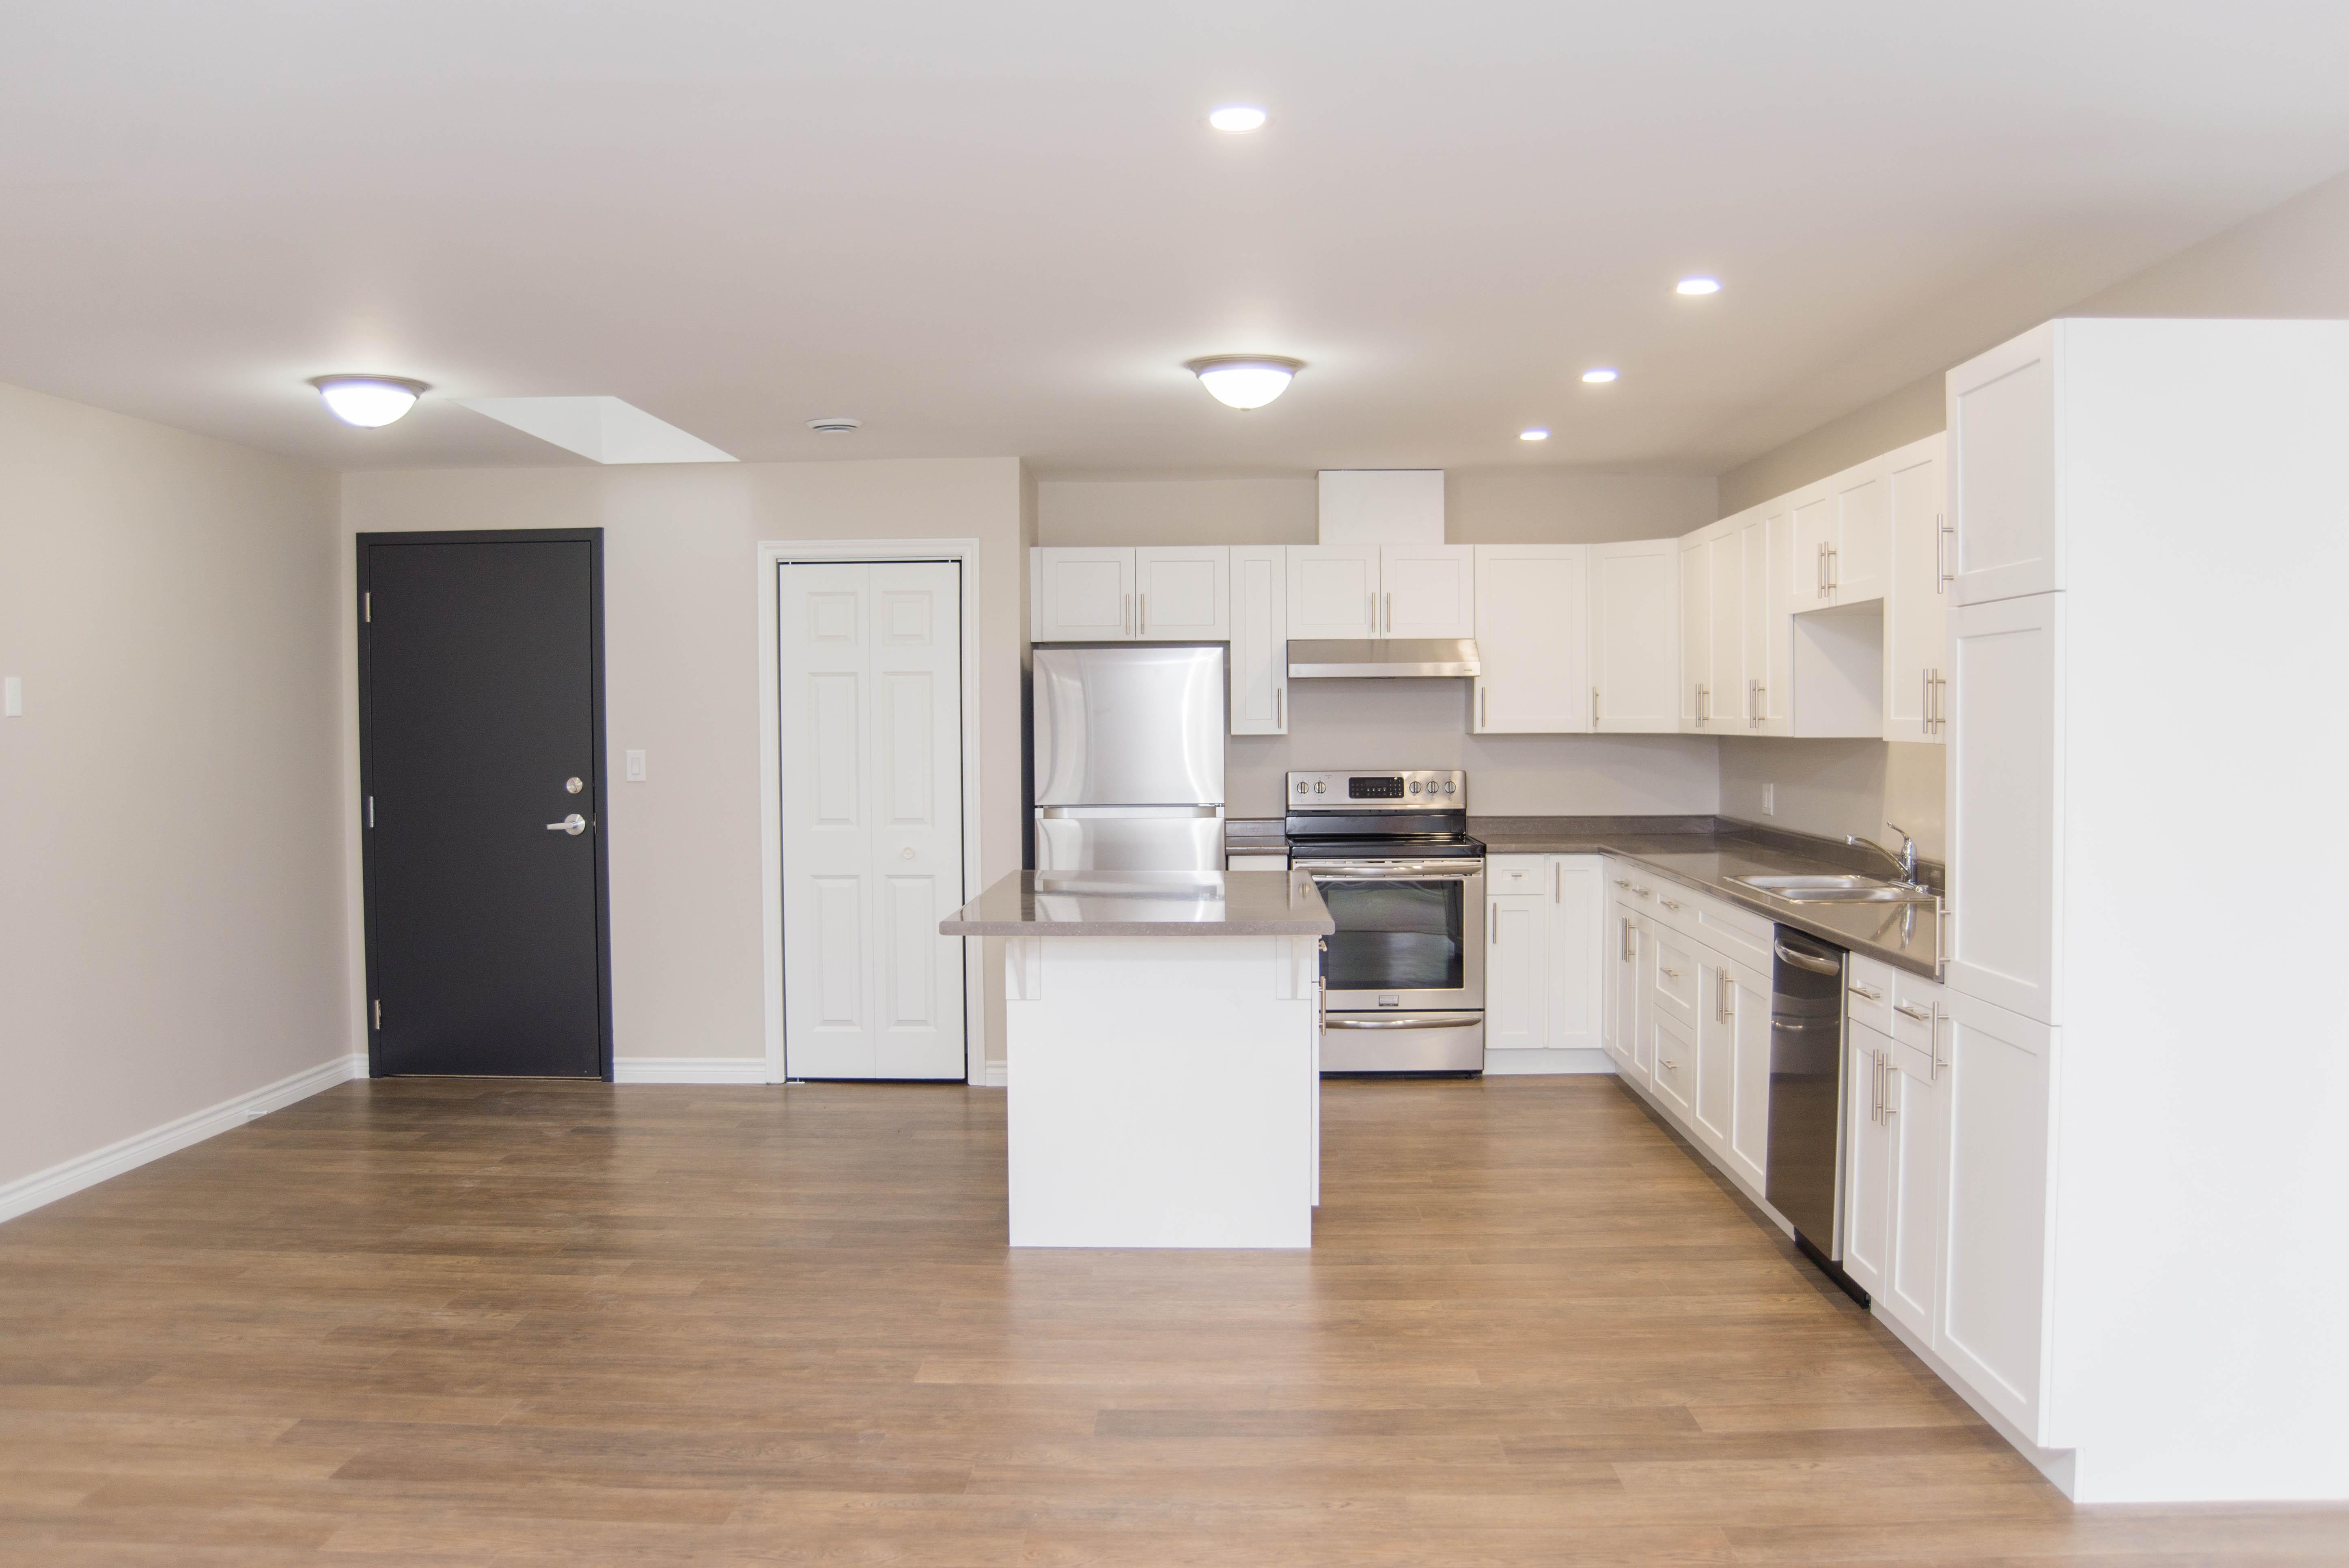 3 Bedroom - Kitchen/Entryway